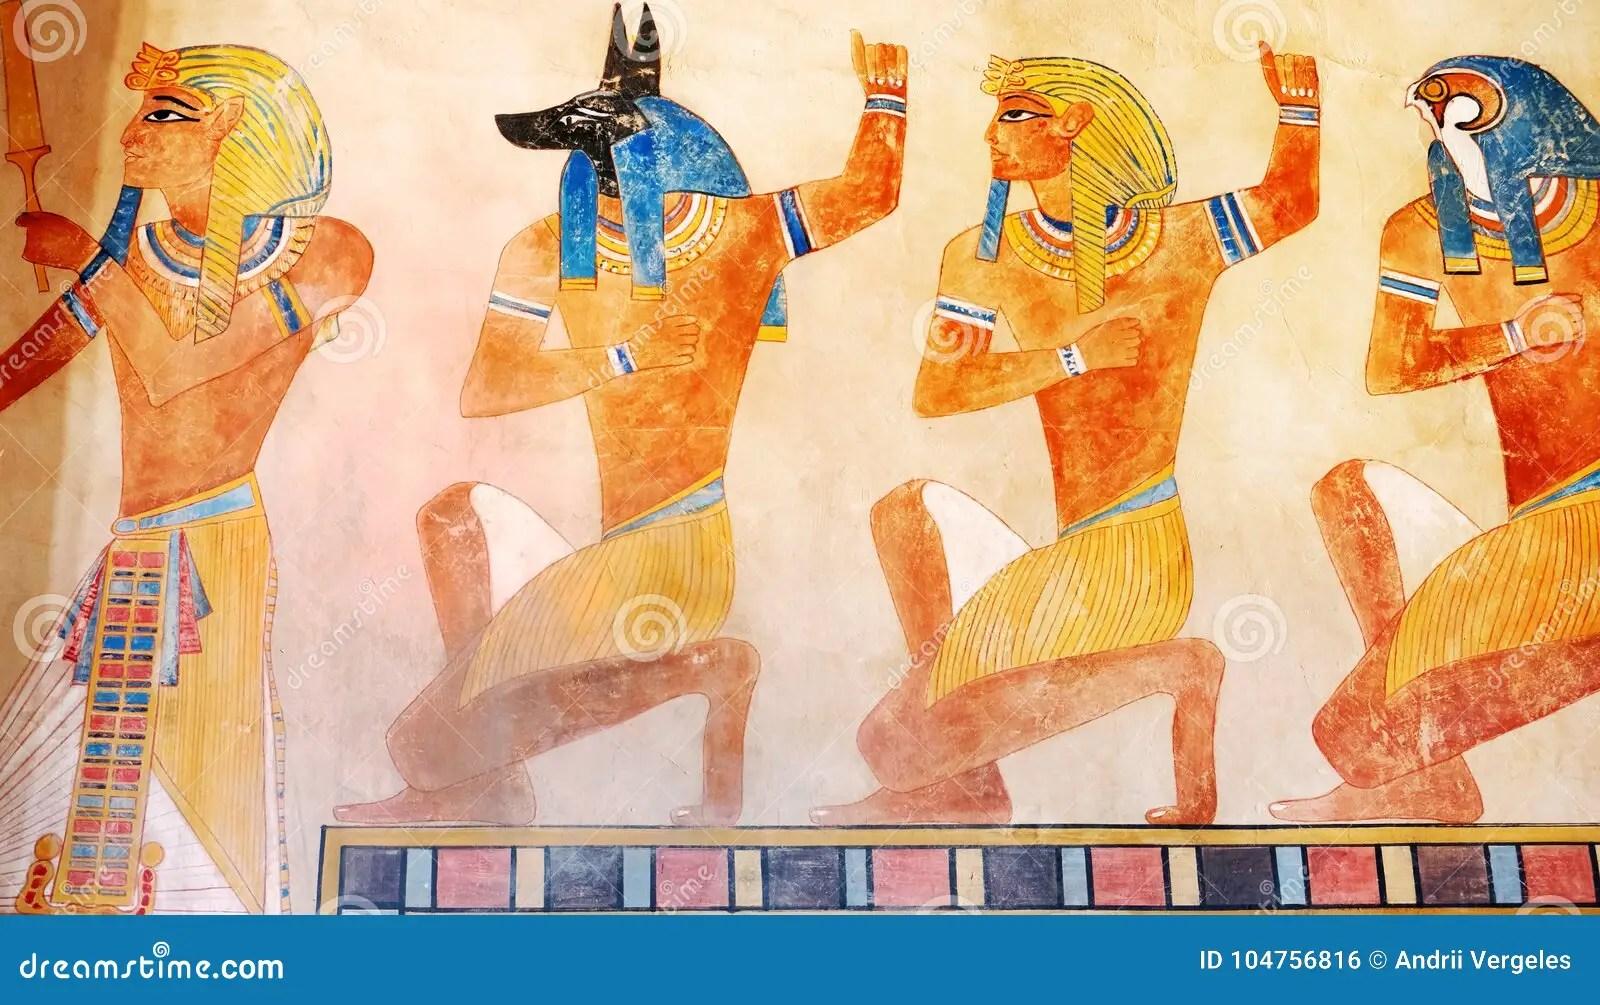 Ancient Egypt Scene Mythology Egyptian Gods And Pharaohs